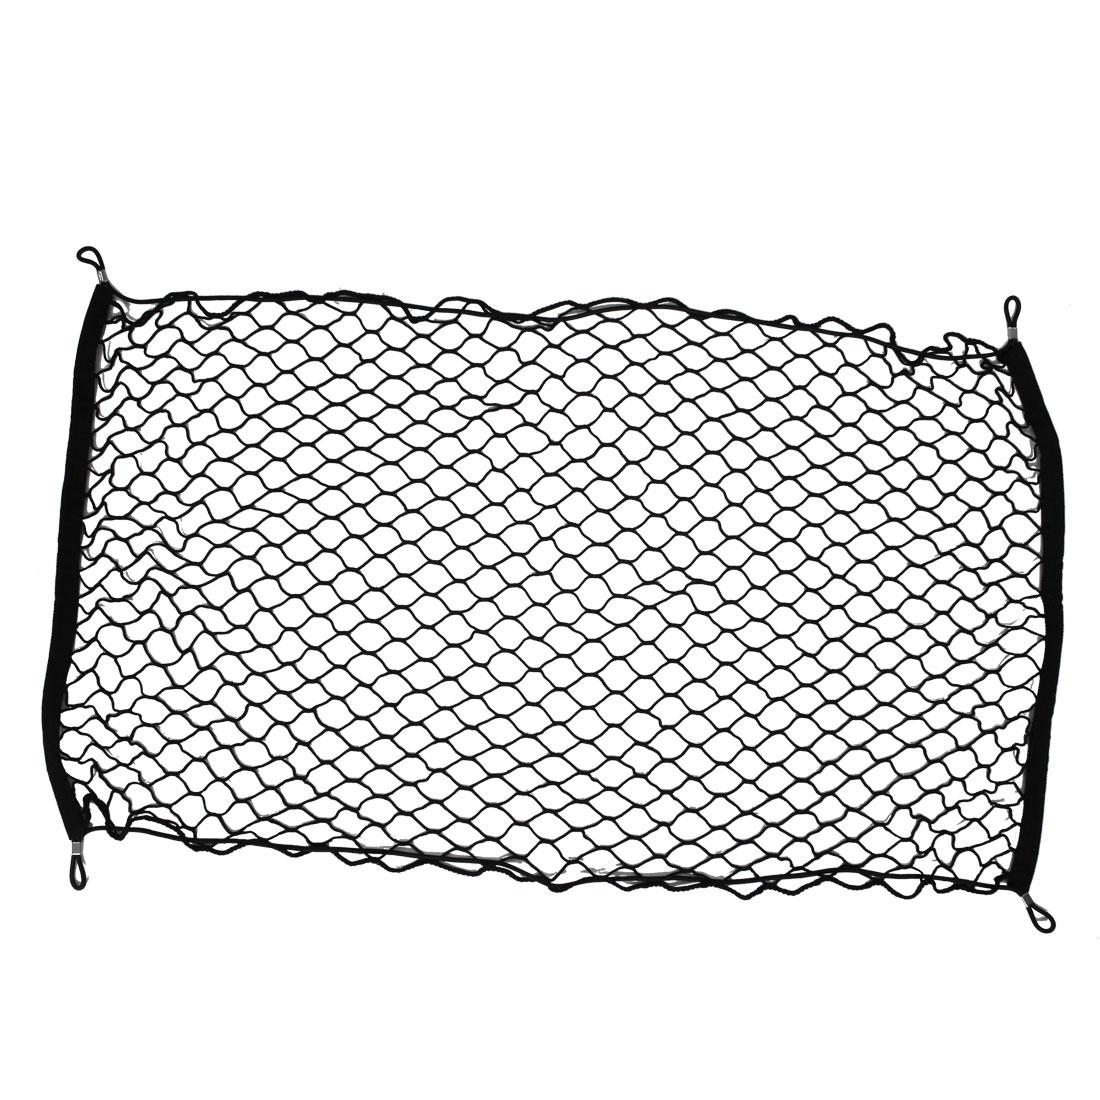 100cm x 57cm Black Nylon Elastic Luggage Storage Net for Car Trunk